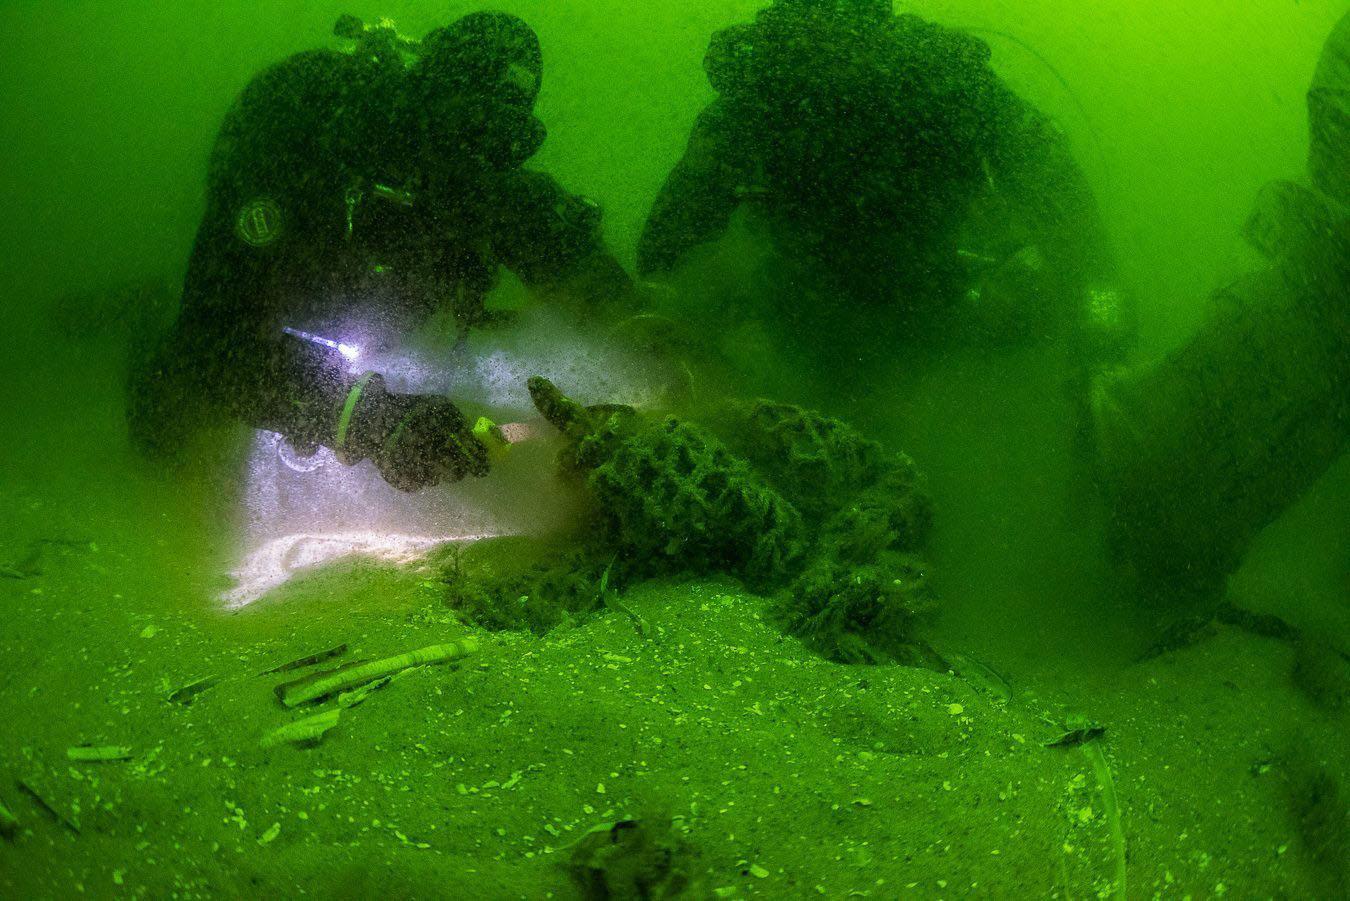 Unter Wasser finden sie die alten Fischernetze, in ihnen verheddern sich die Meeresbewohner. Die Taucher schneiden die Netze ab und versuchen sie zu bergen.